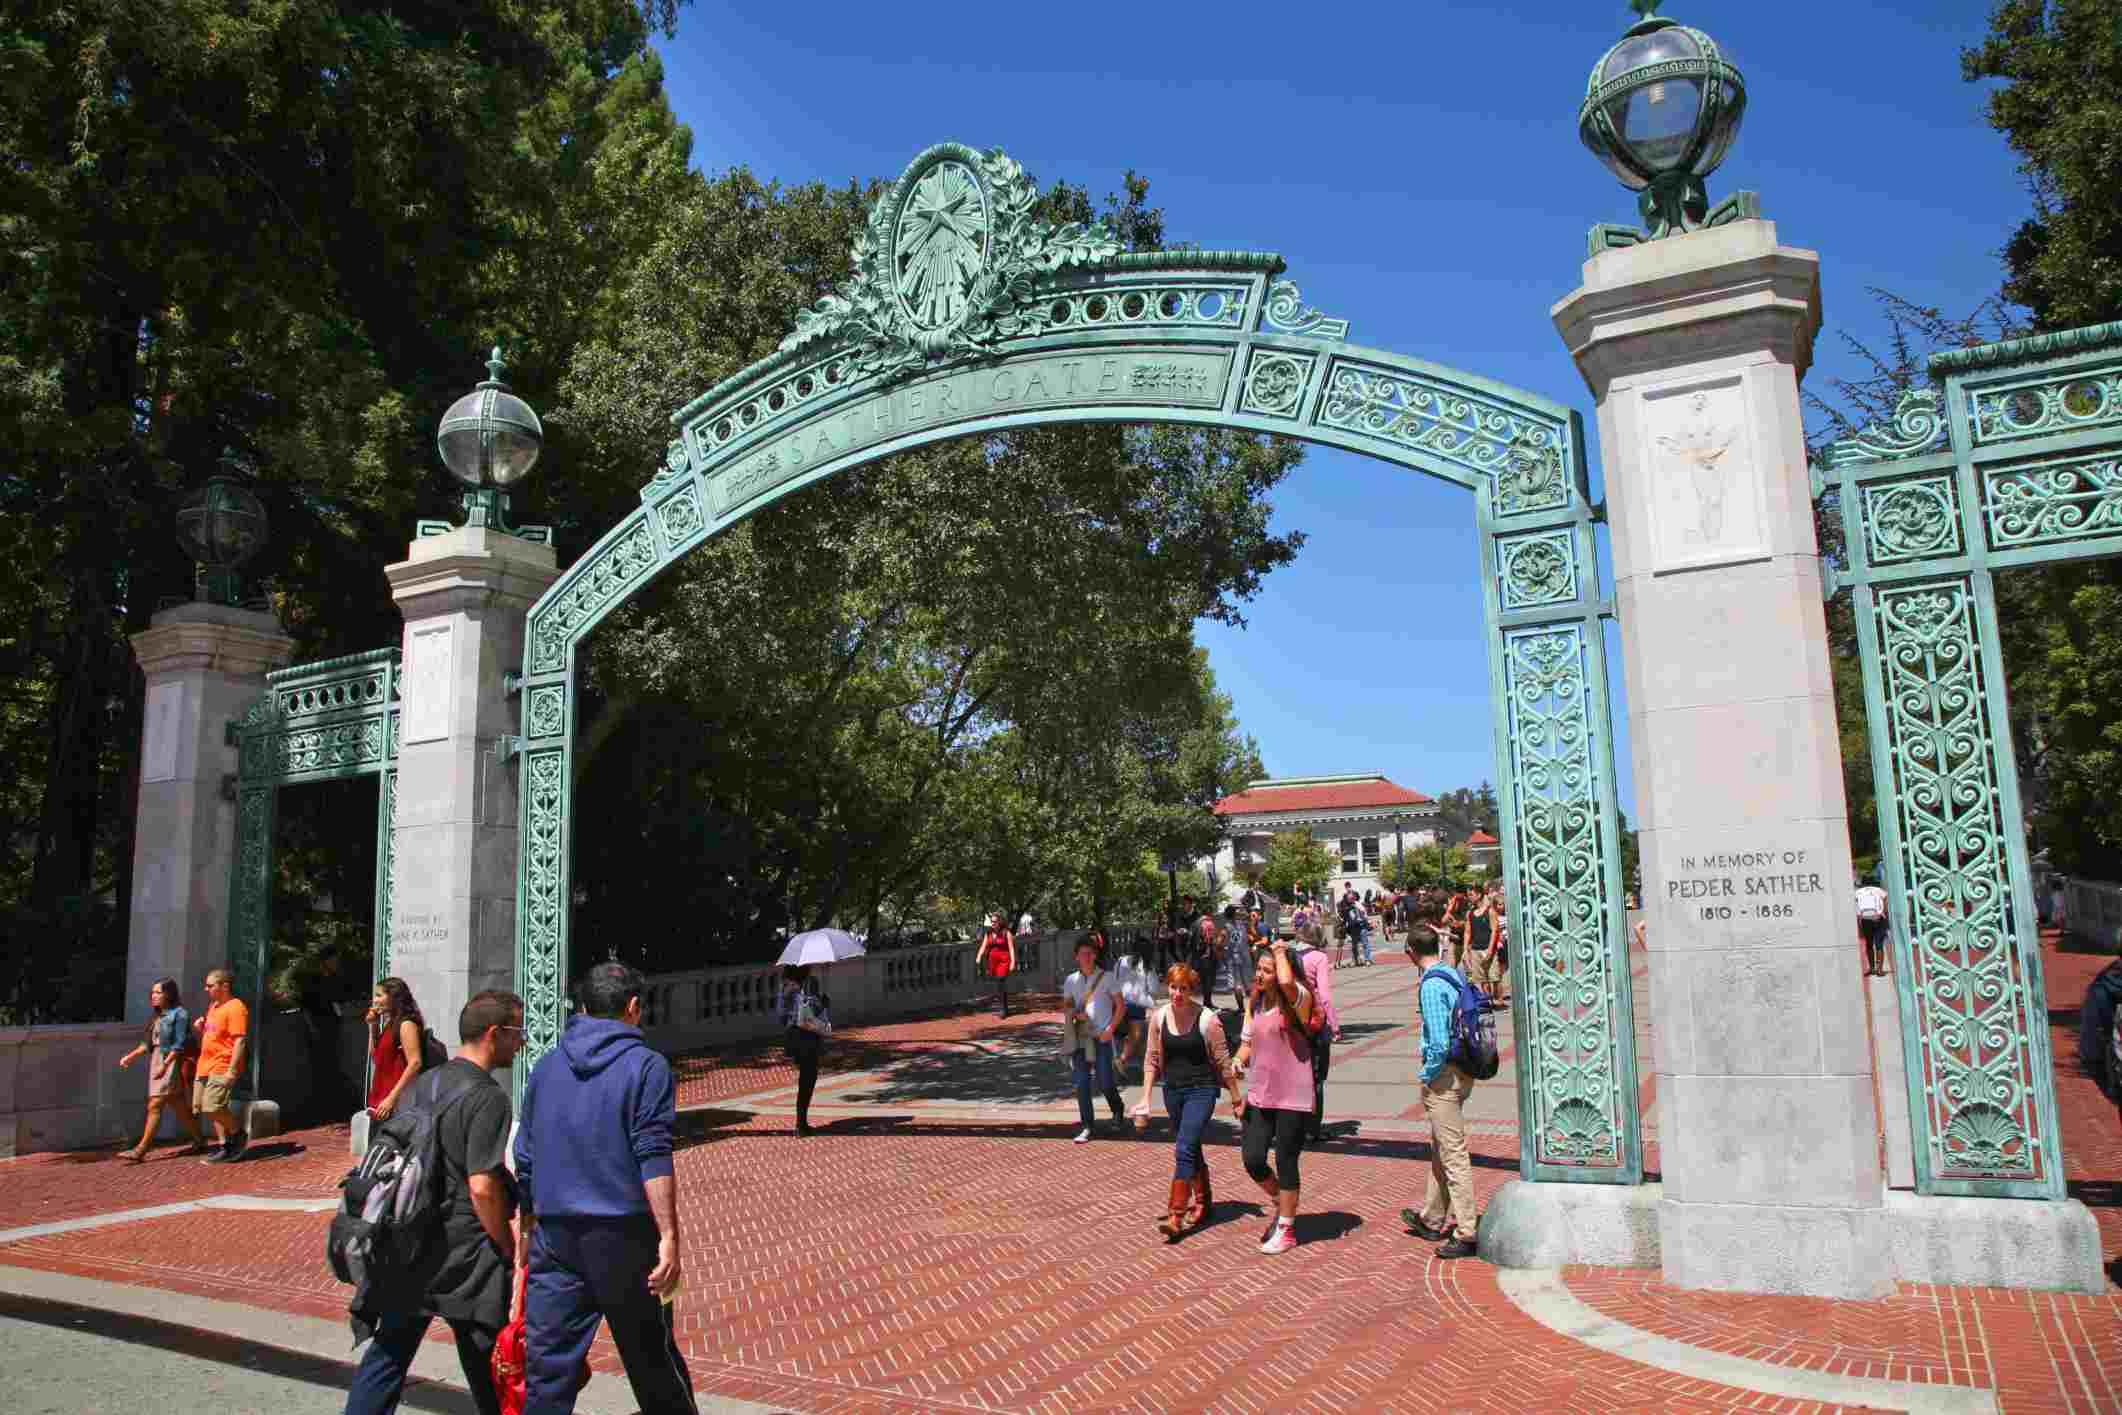 Berkeley es considerada la mejor universidad pública. Tiene, entre otros, un excelente programa de ingeniería.